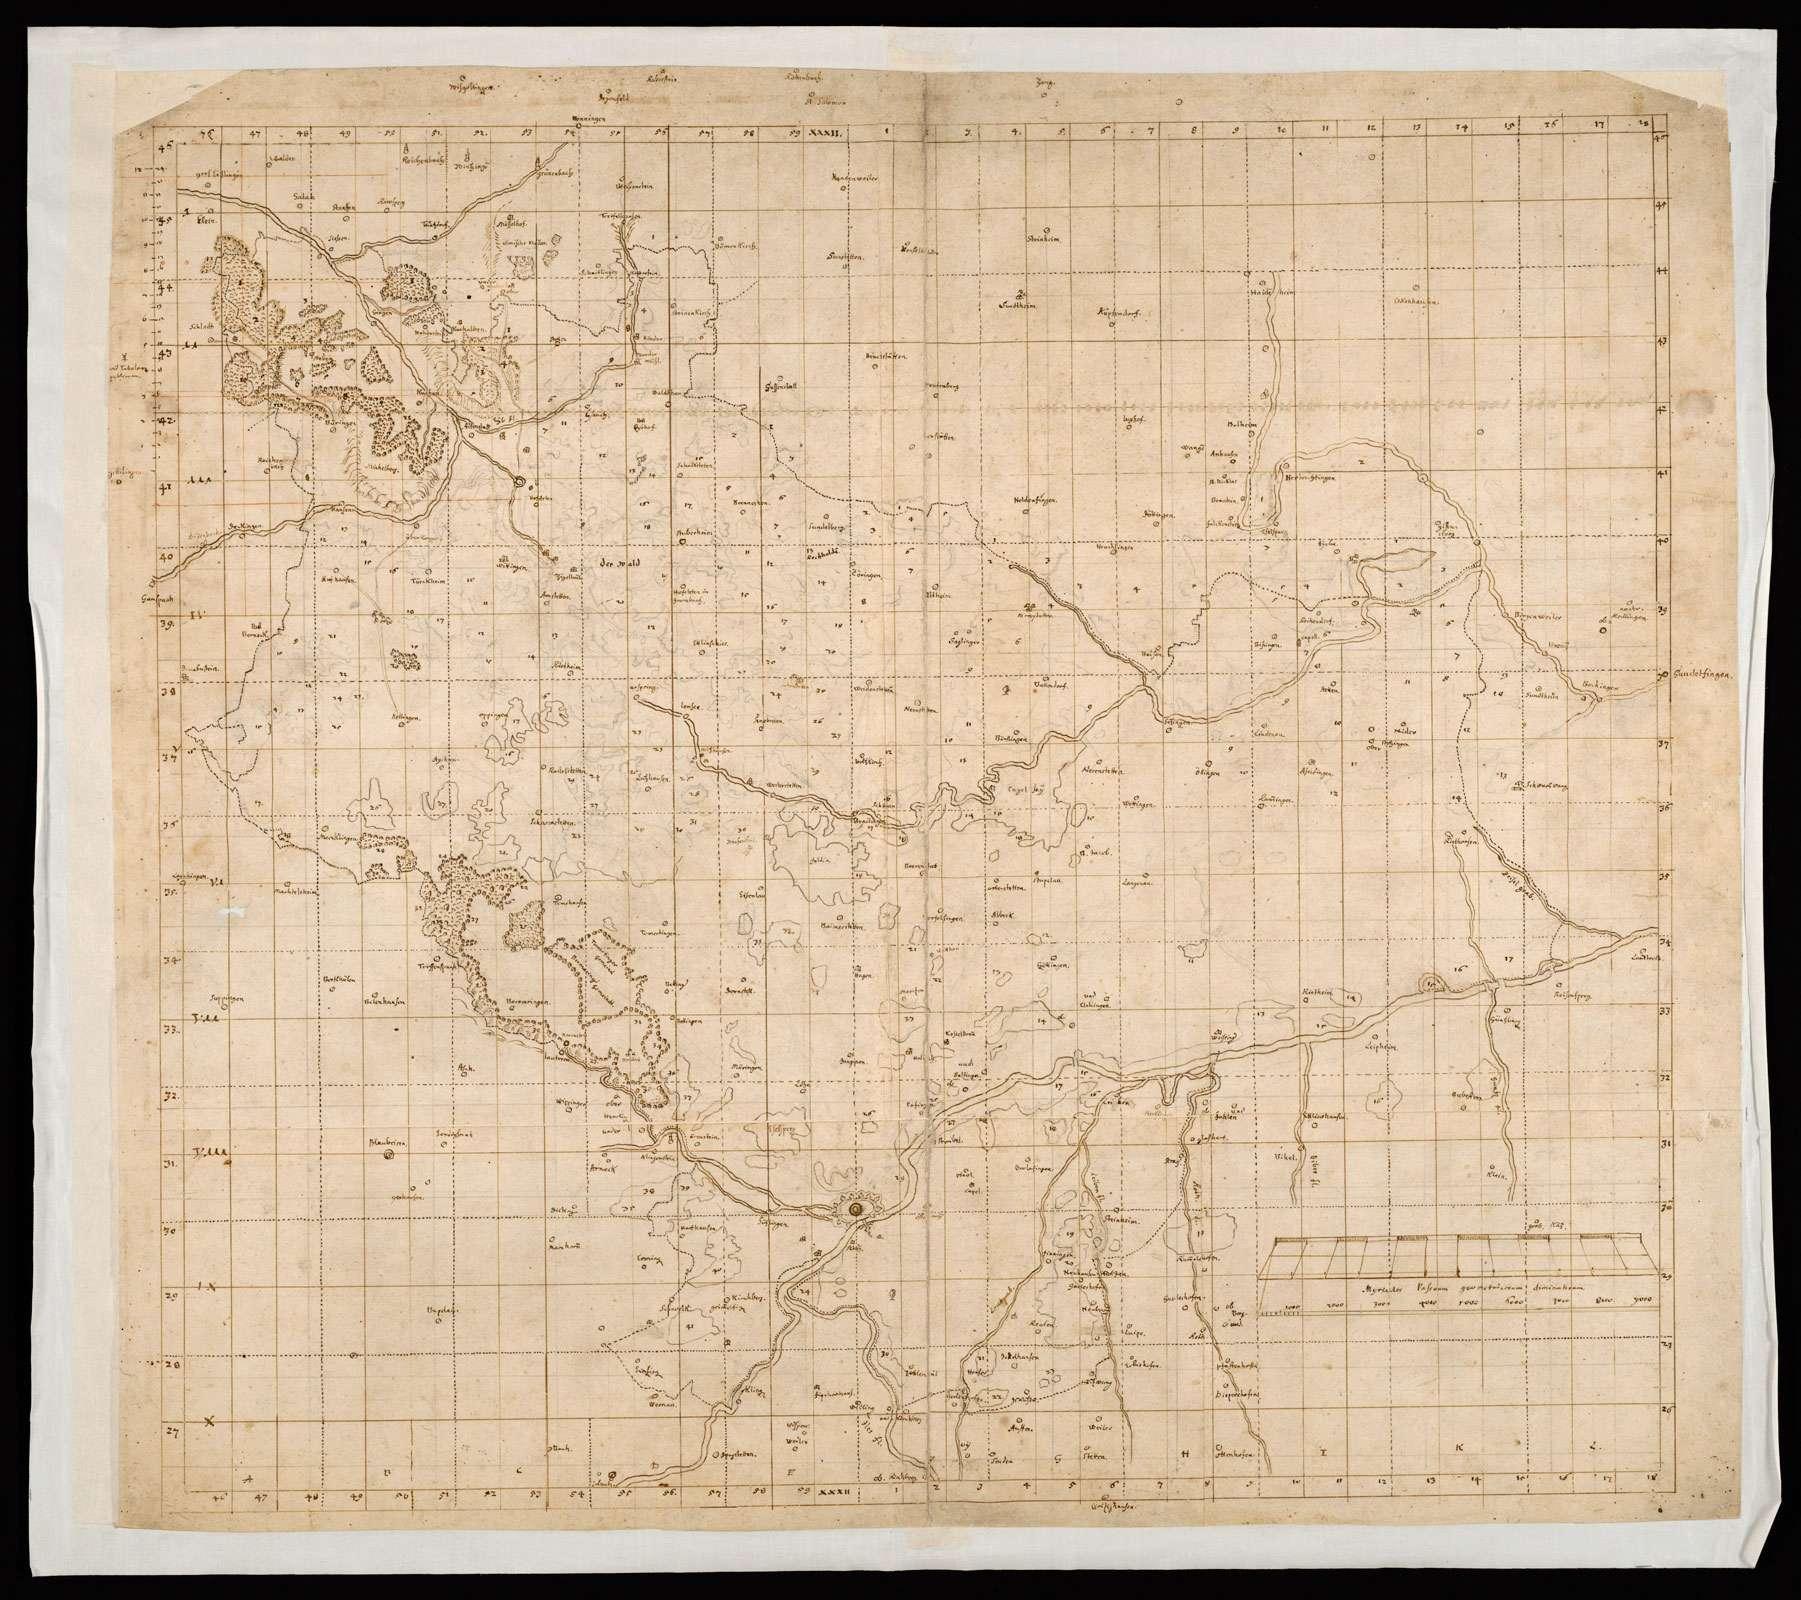 [Forstkarte der mittleren Alb zwischen Fils, Brenz und Donau samt deren rechten Nebenflüssen], Bild 1